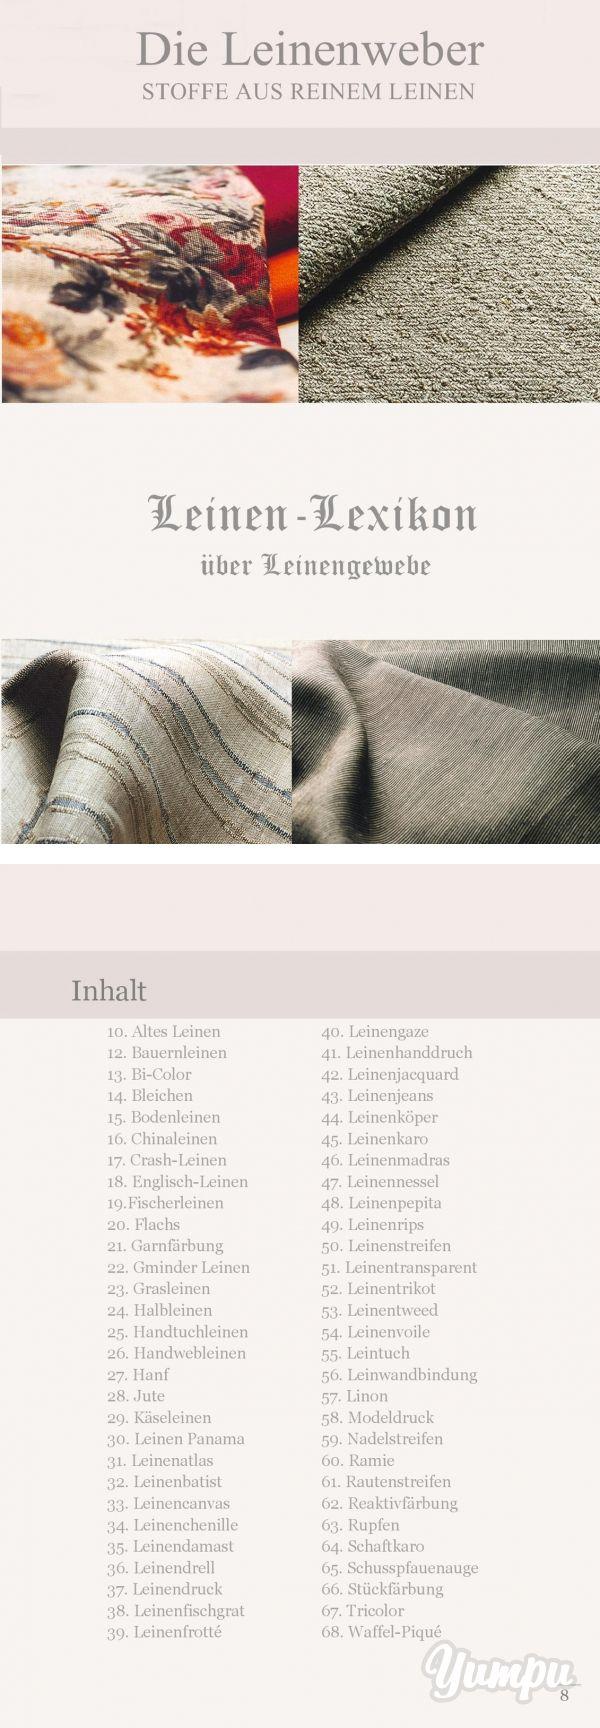 Die besten 25+ Leinengewebe Ideen auf Pinterest | Markttasche ...